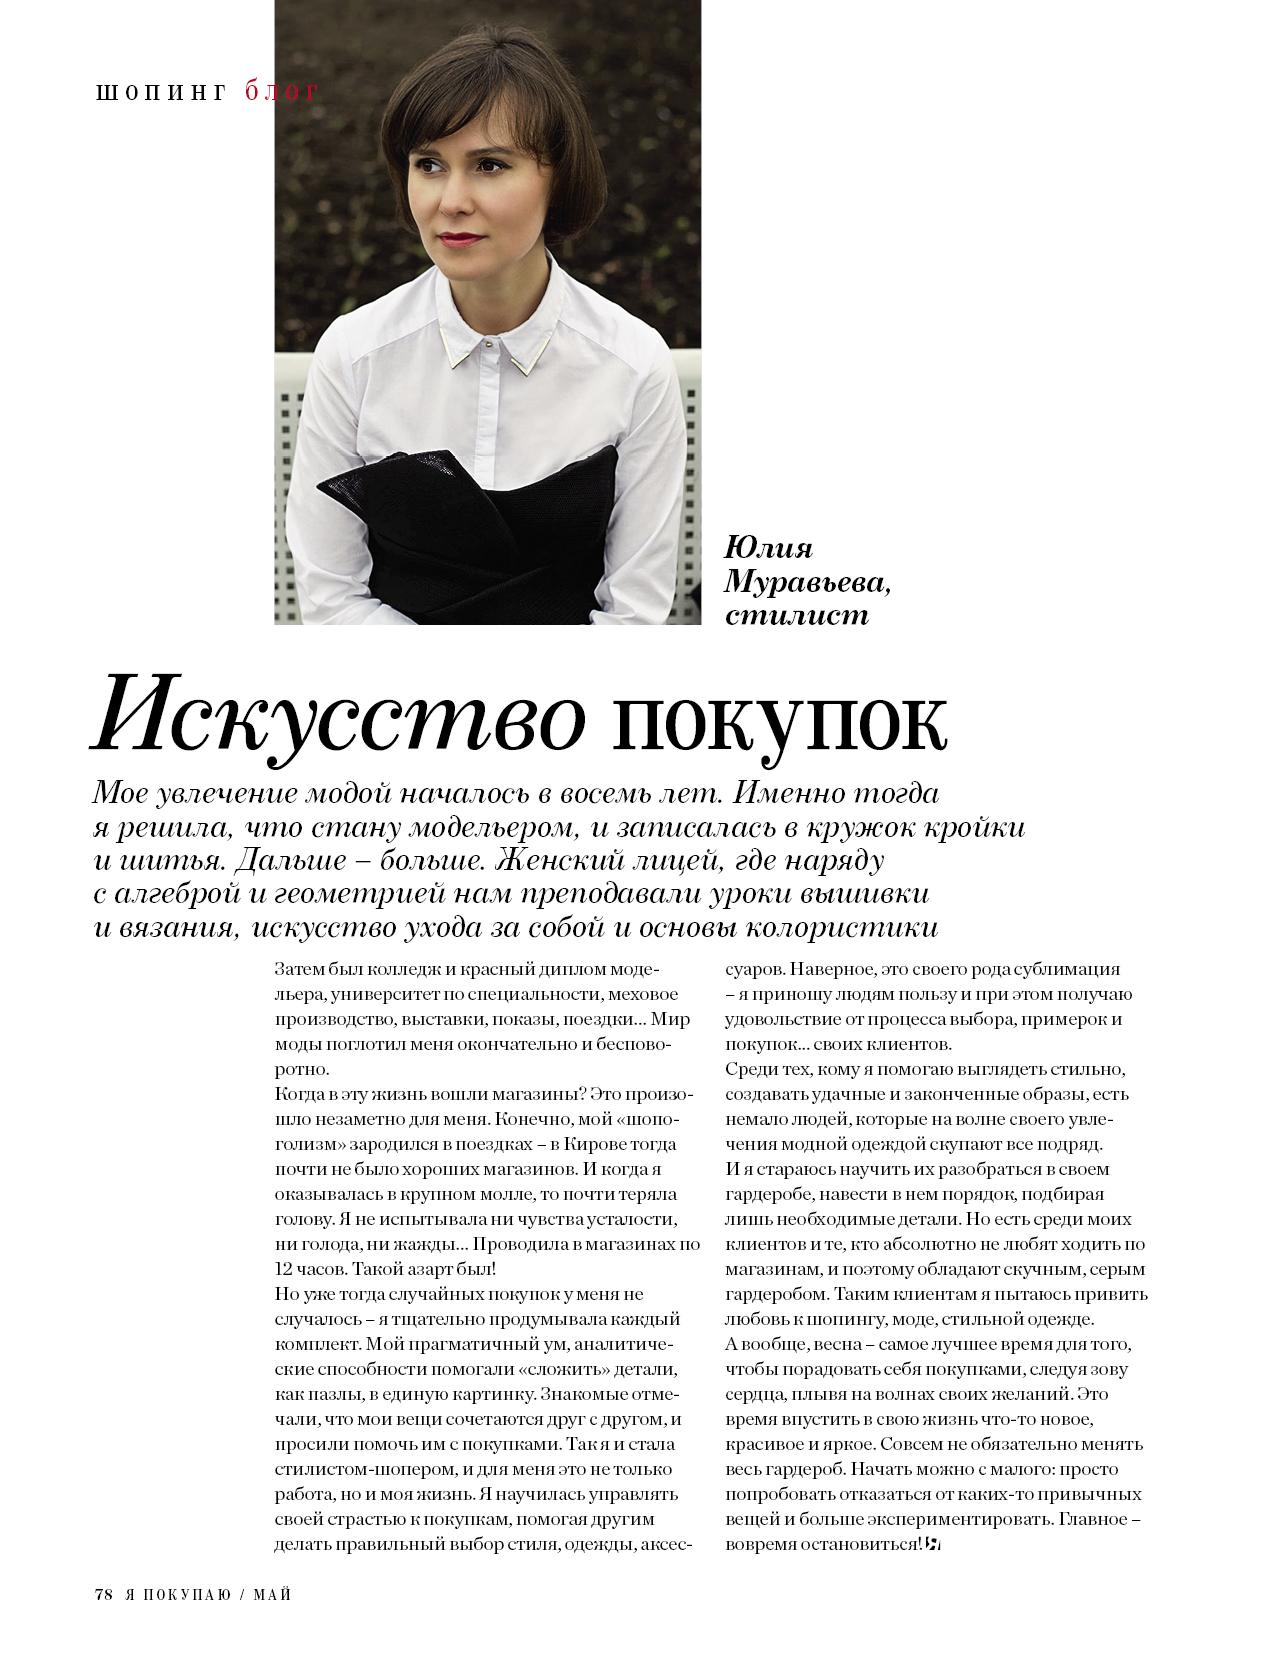 Шопинг_блог_Стилист Юлия (1)